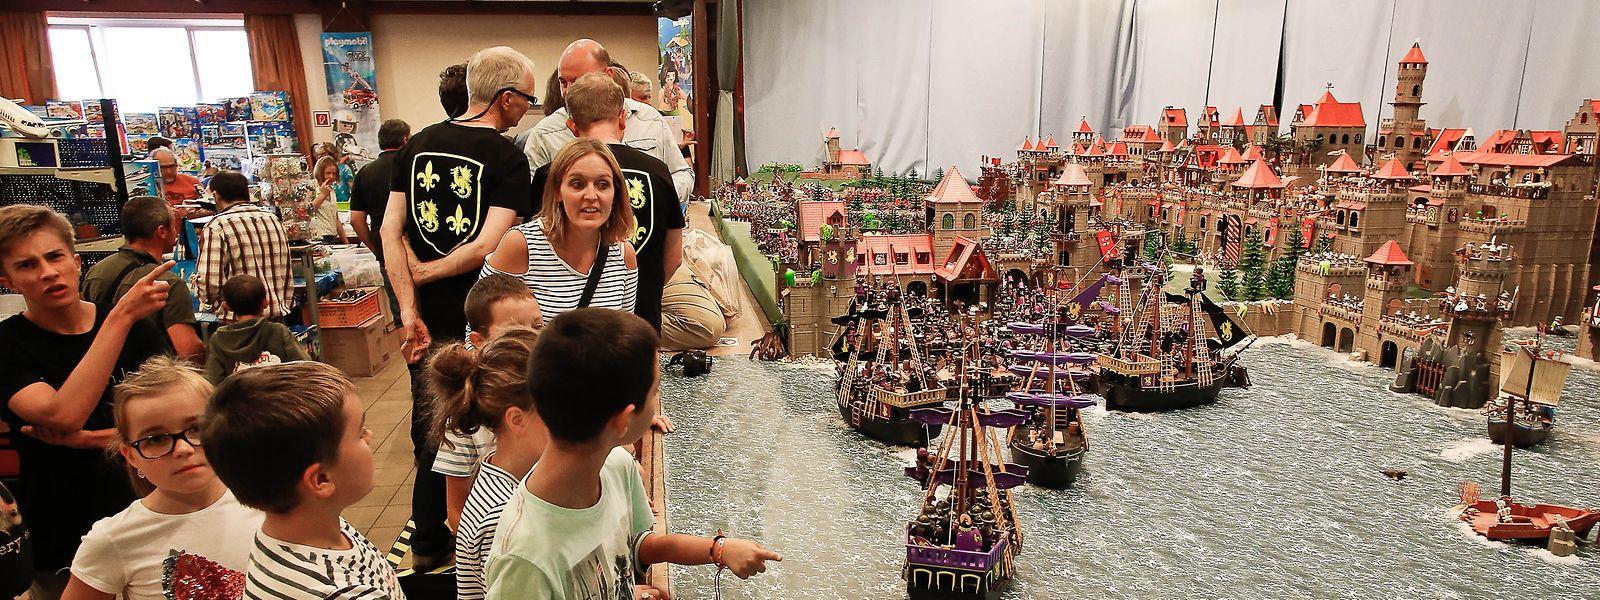 Staunen bei den großen und kleinen Playmobilfans: Riesige Landschaften aus dem berühmten Spielzeug sind zu sehen.